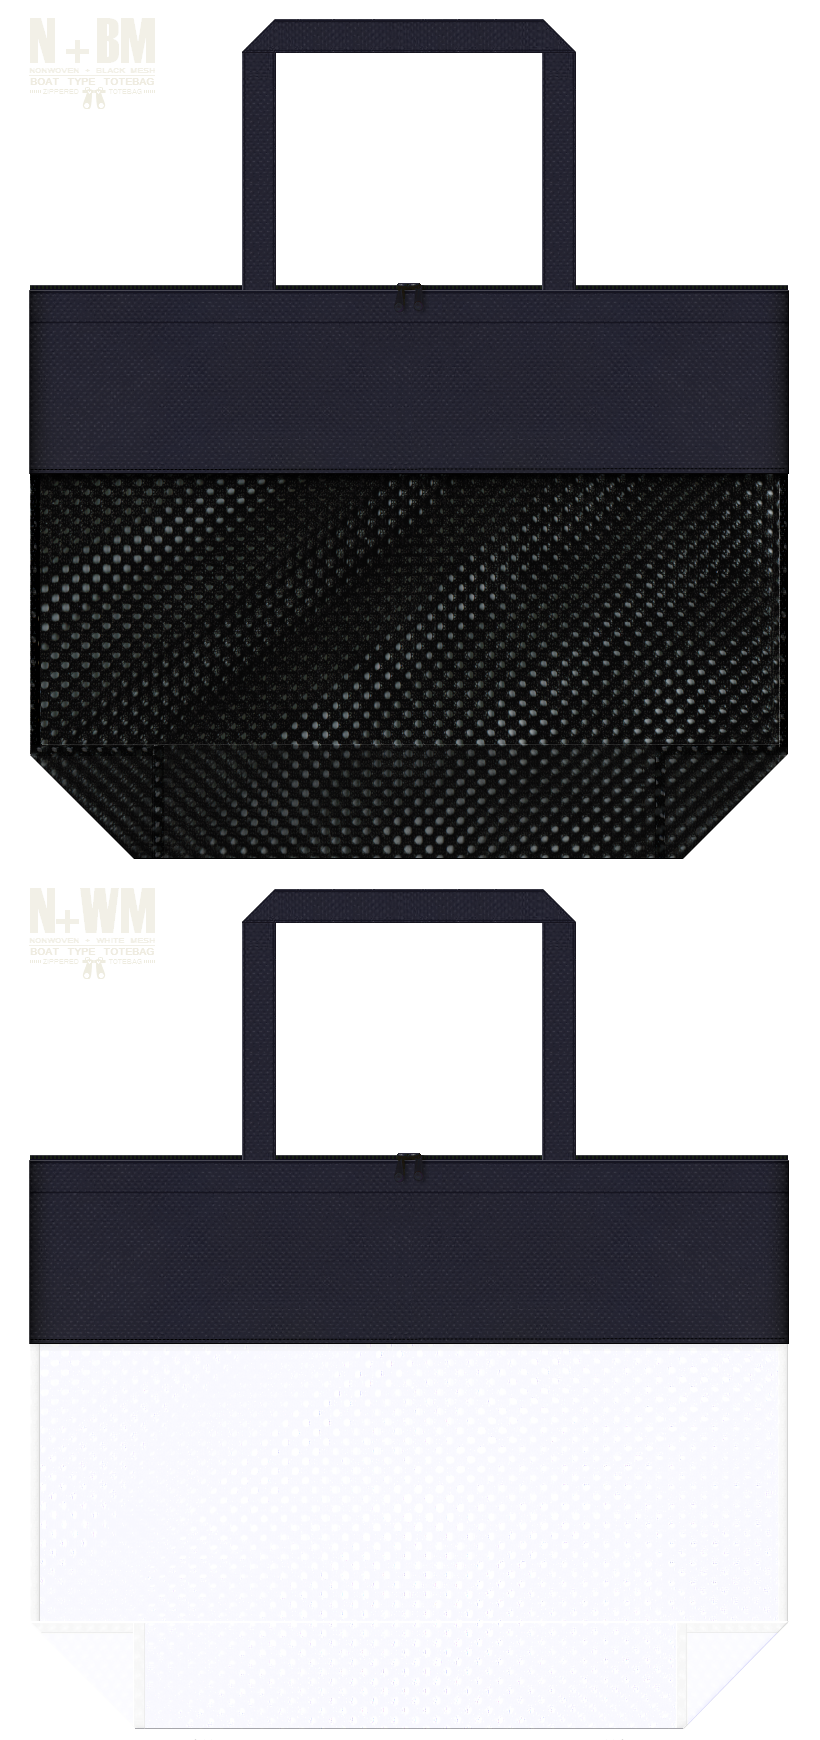 台形型メッシュバッグのカラーシミュレーション:黒色・白色メッシュと濃紺色不織布の組み合わせ